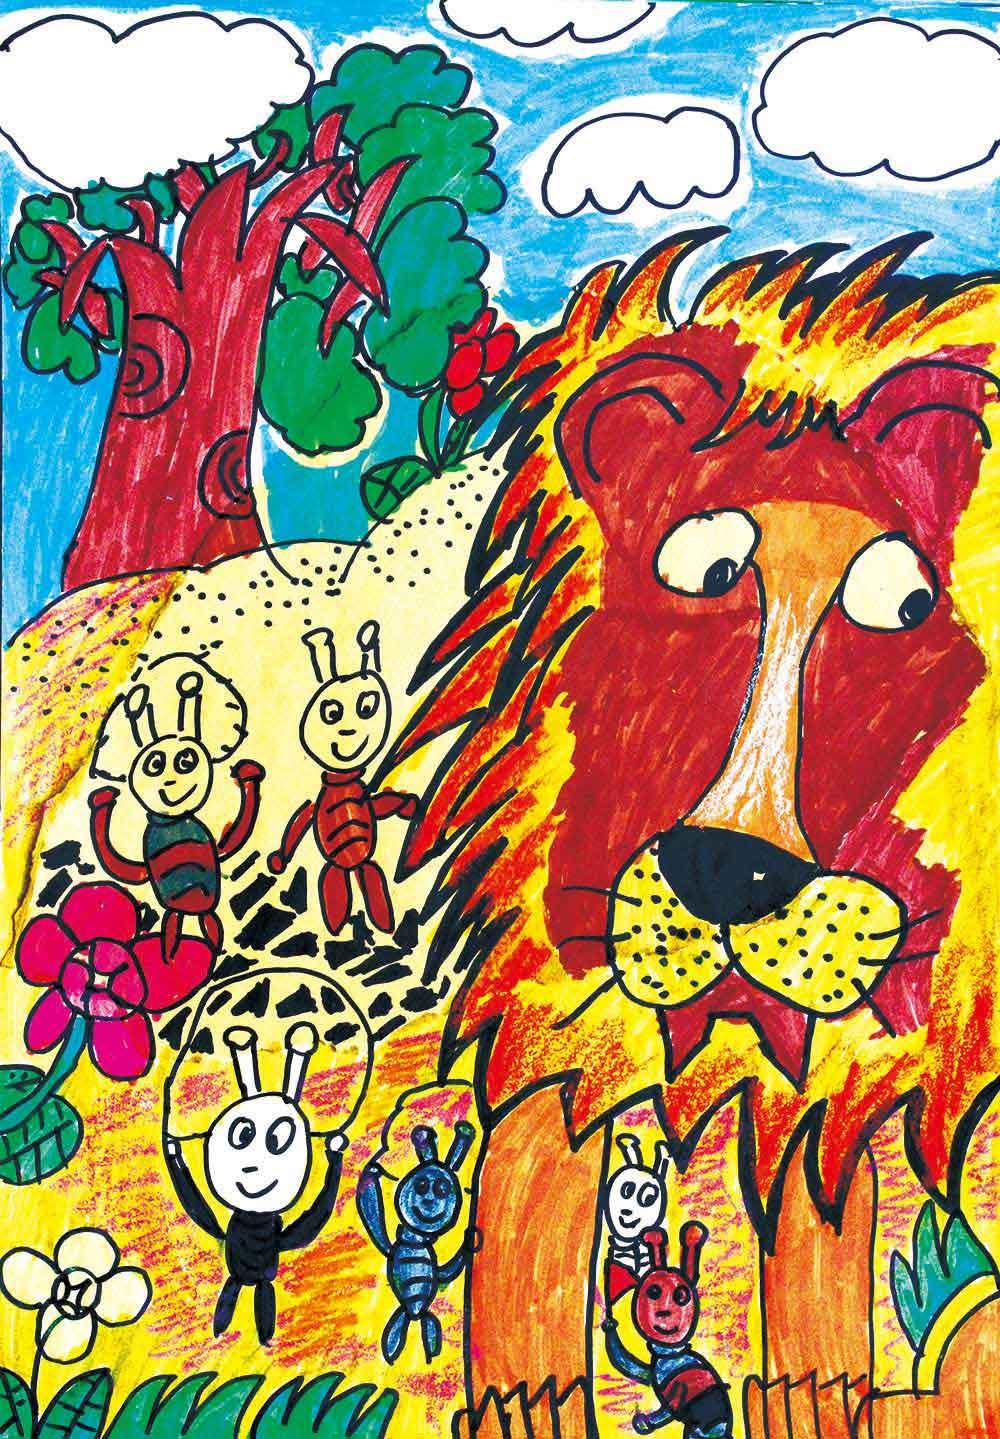 儿童创意美术作品:狮子与蚂蚁图片